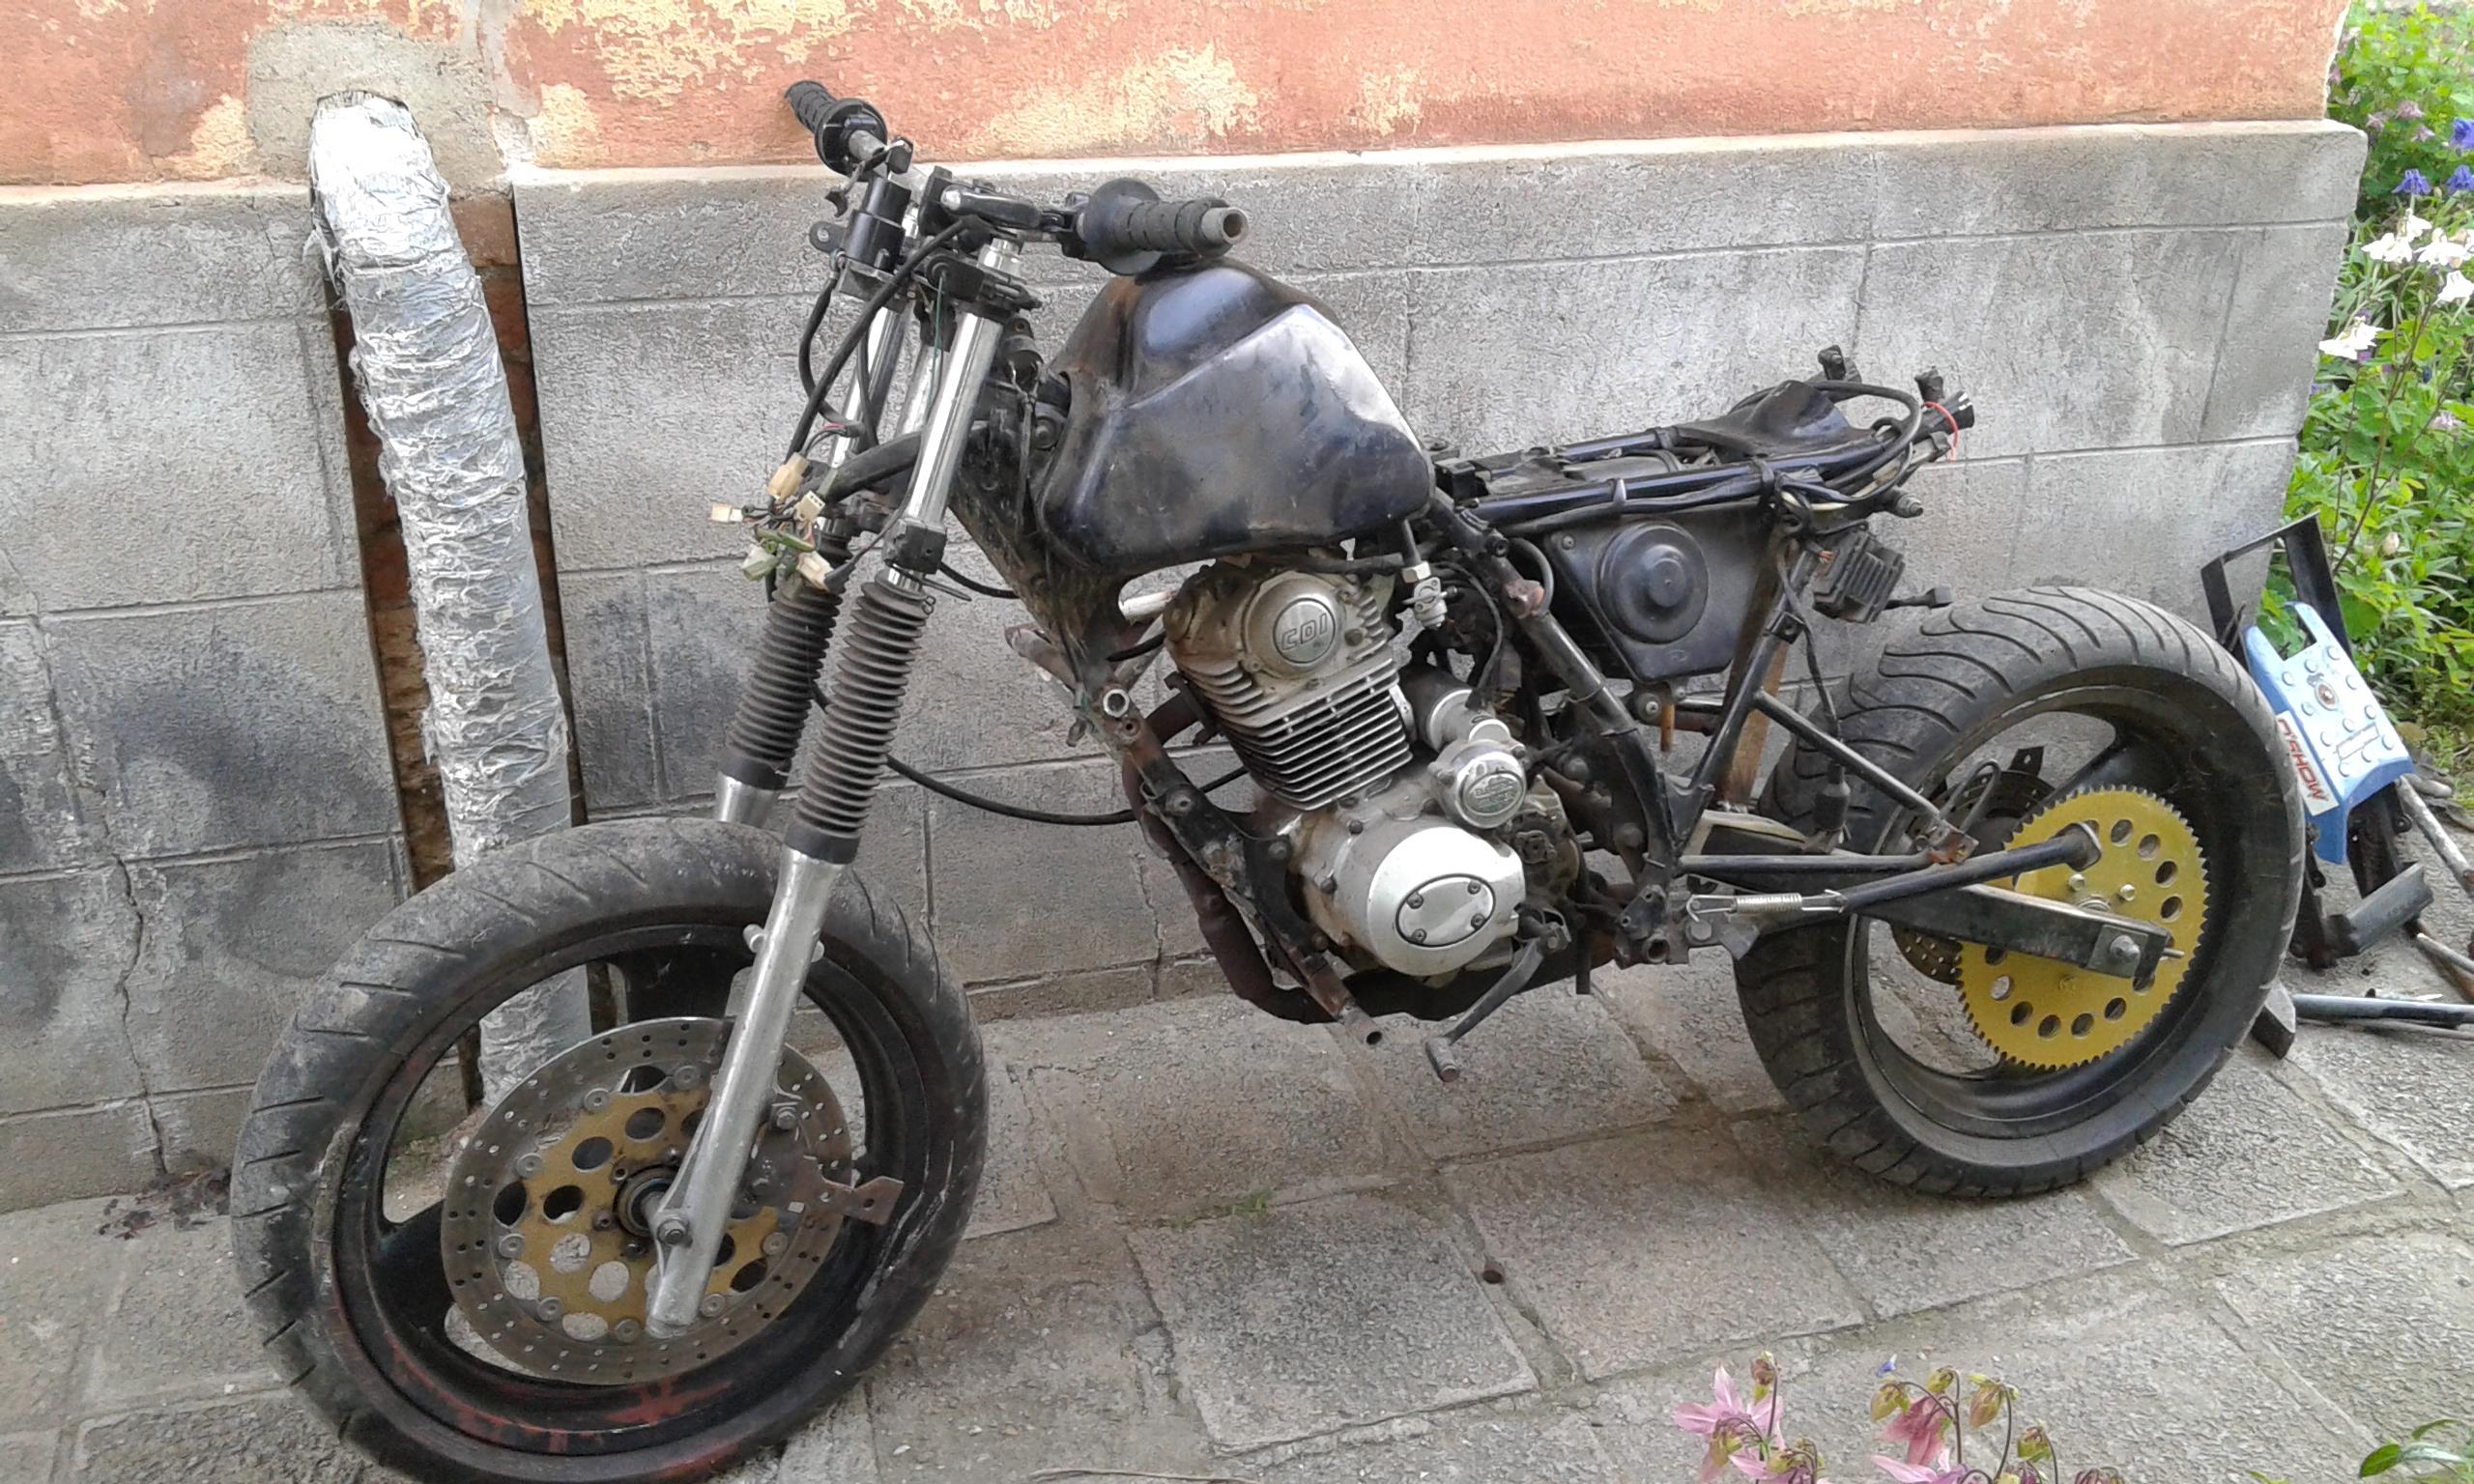 enduro to cafe racer 125 custom design moto kustoms. Black Bedroom Furniture Sets. Home Design Ideas